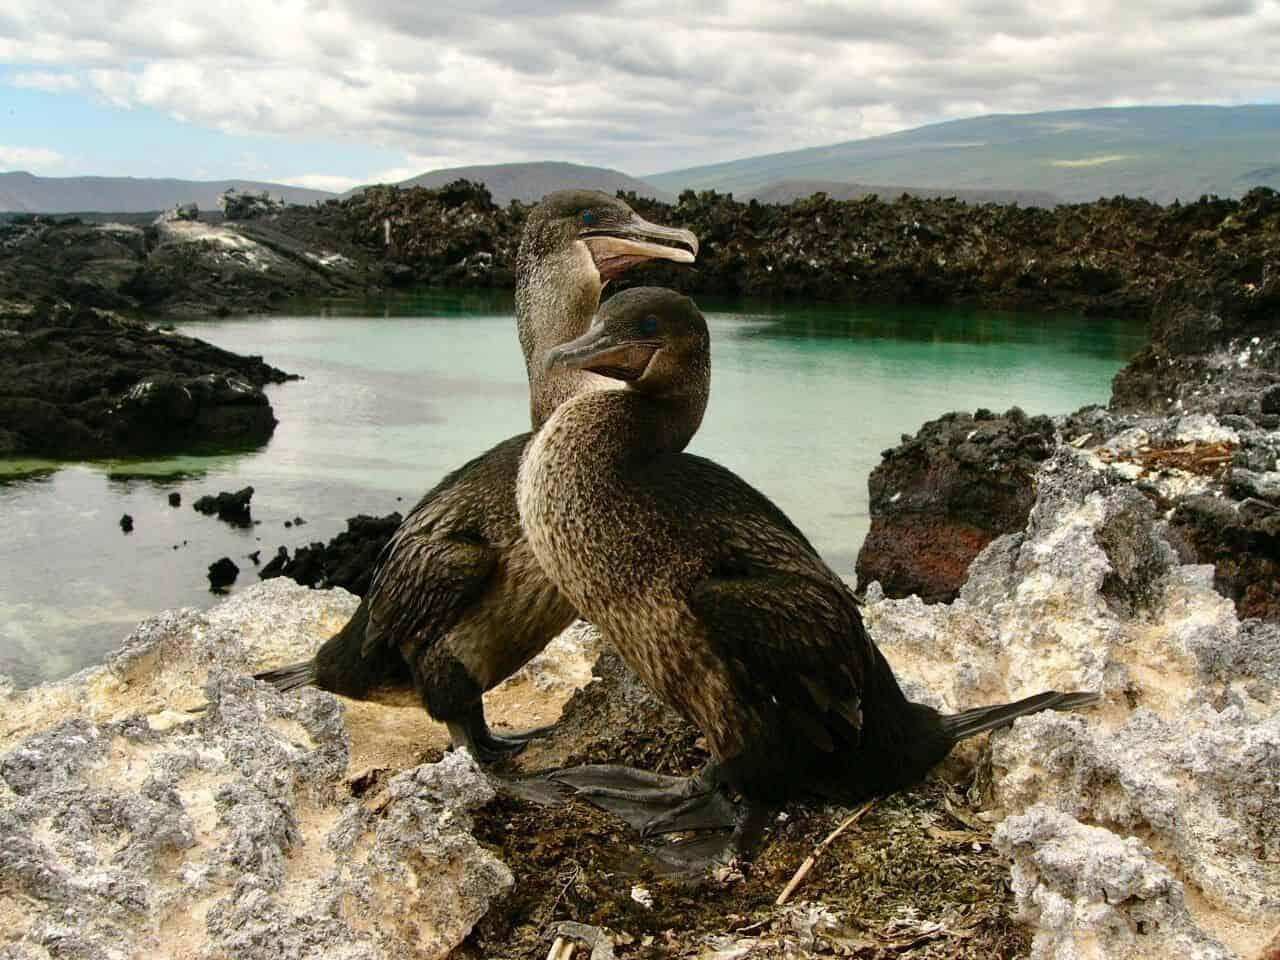 كيف فقد طائر الغاق الذي يعيش في جزر غالاباغوس قدرته على الطيران؟